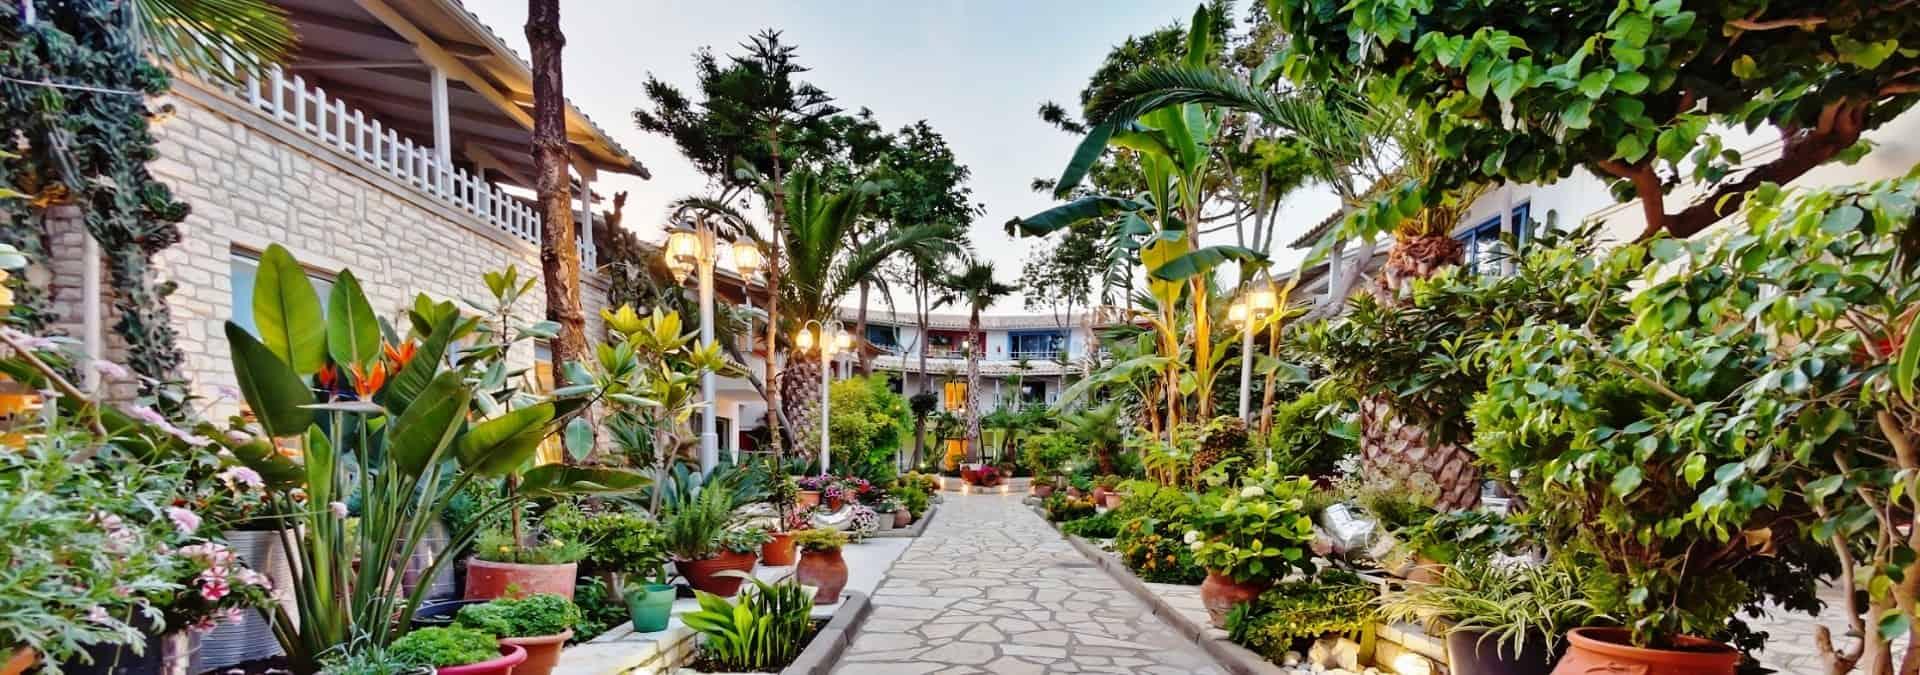 Rouda-Bay-Garden-1